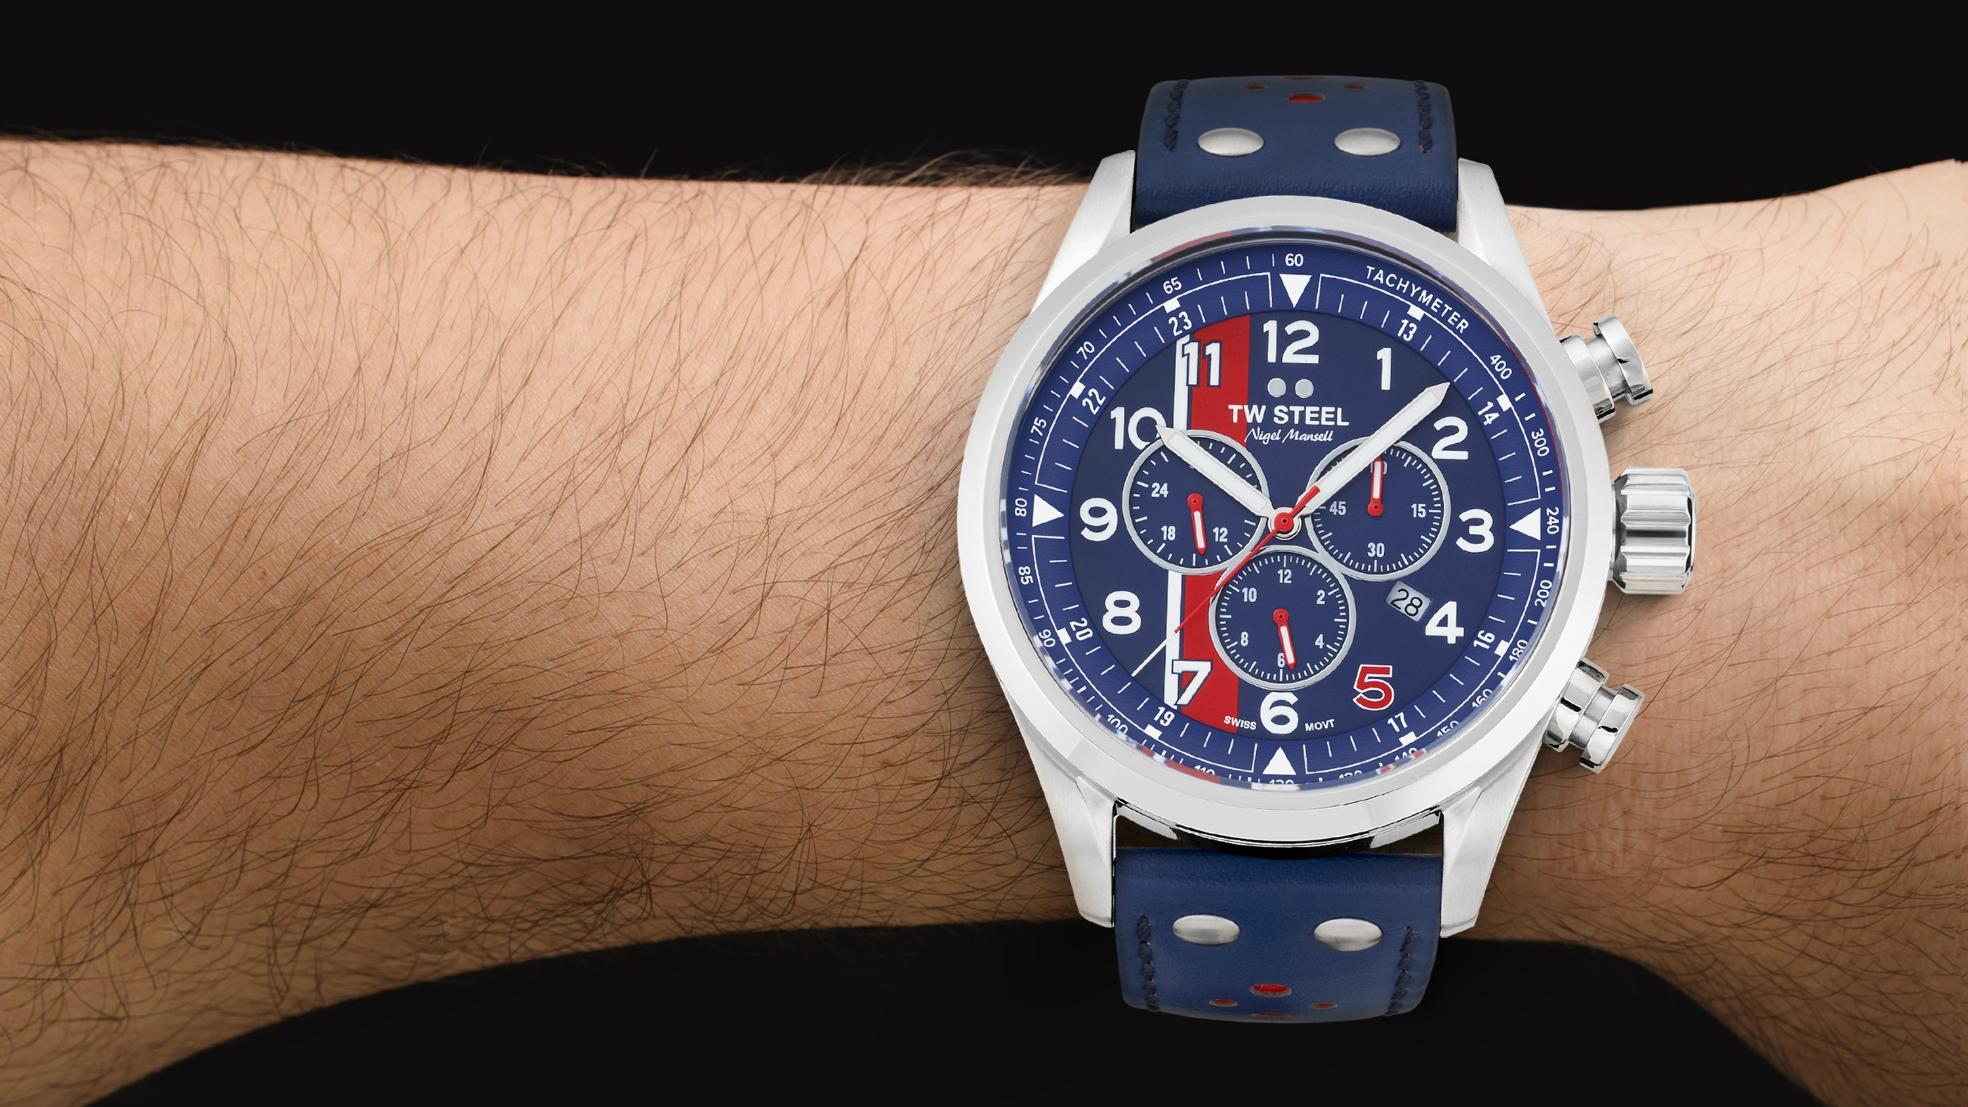 TW Steel horloge voorbeeld Nigel Mansell